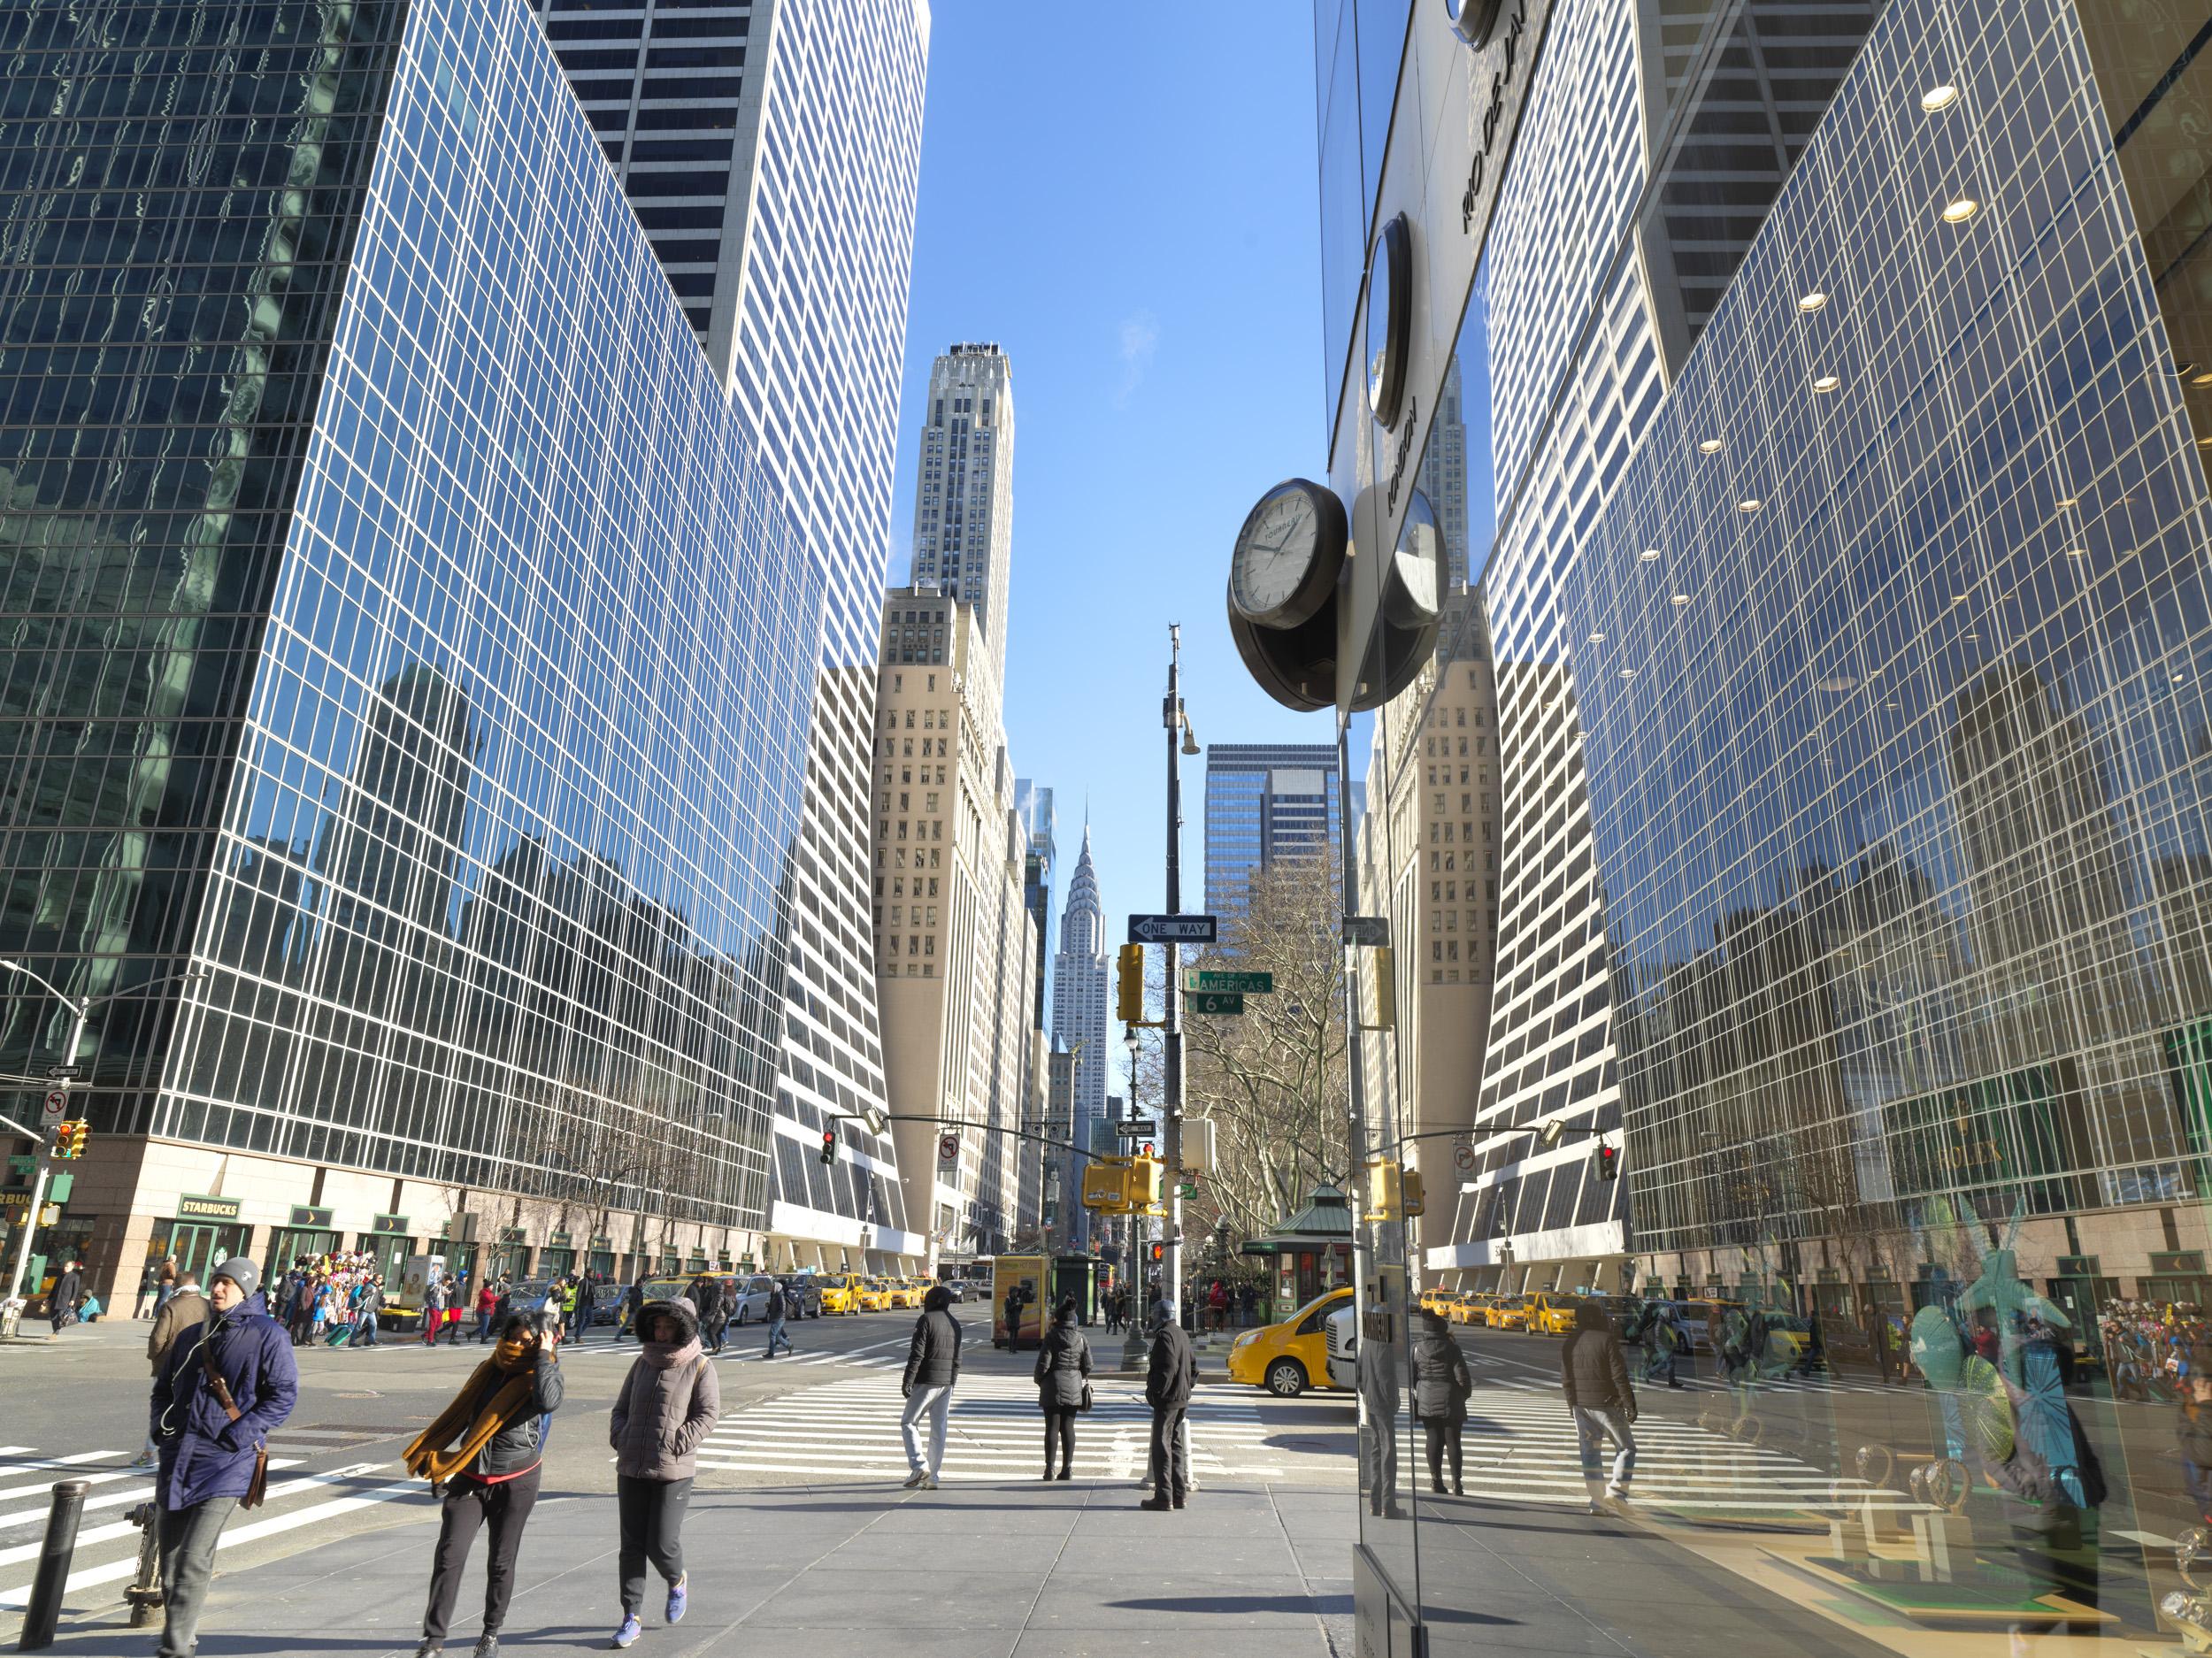 NY_Web14868.jpg